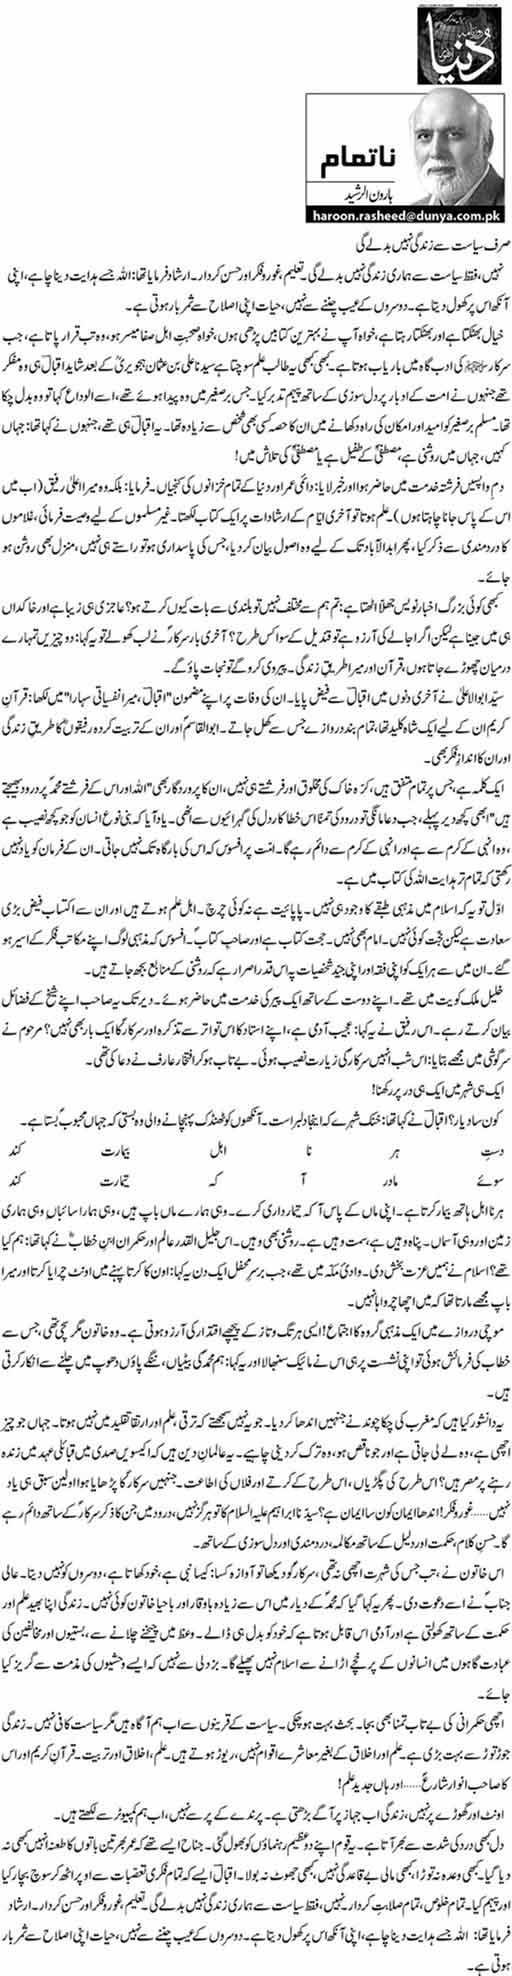 Sirf siayst se zindaghi nahi badlay gi - Haroon-ur-Rasheed